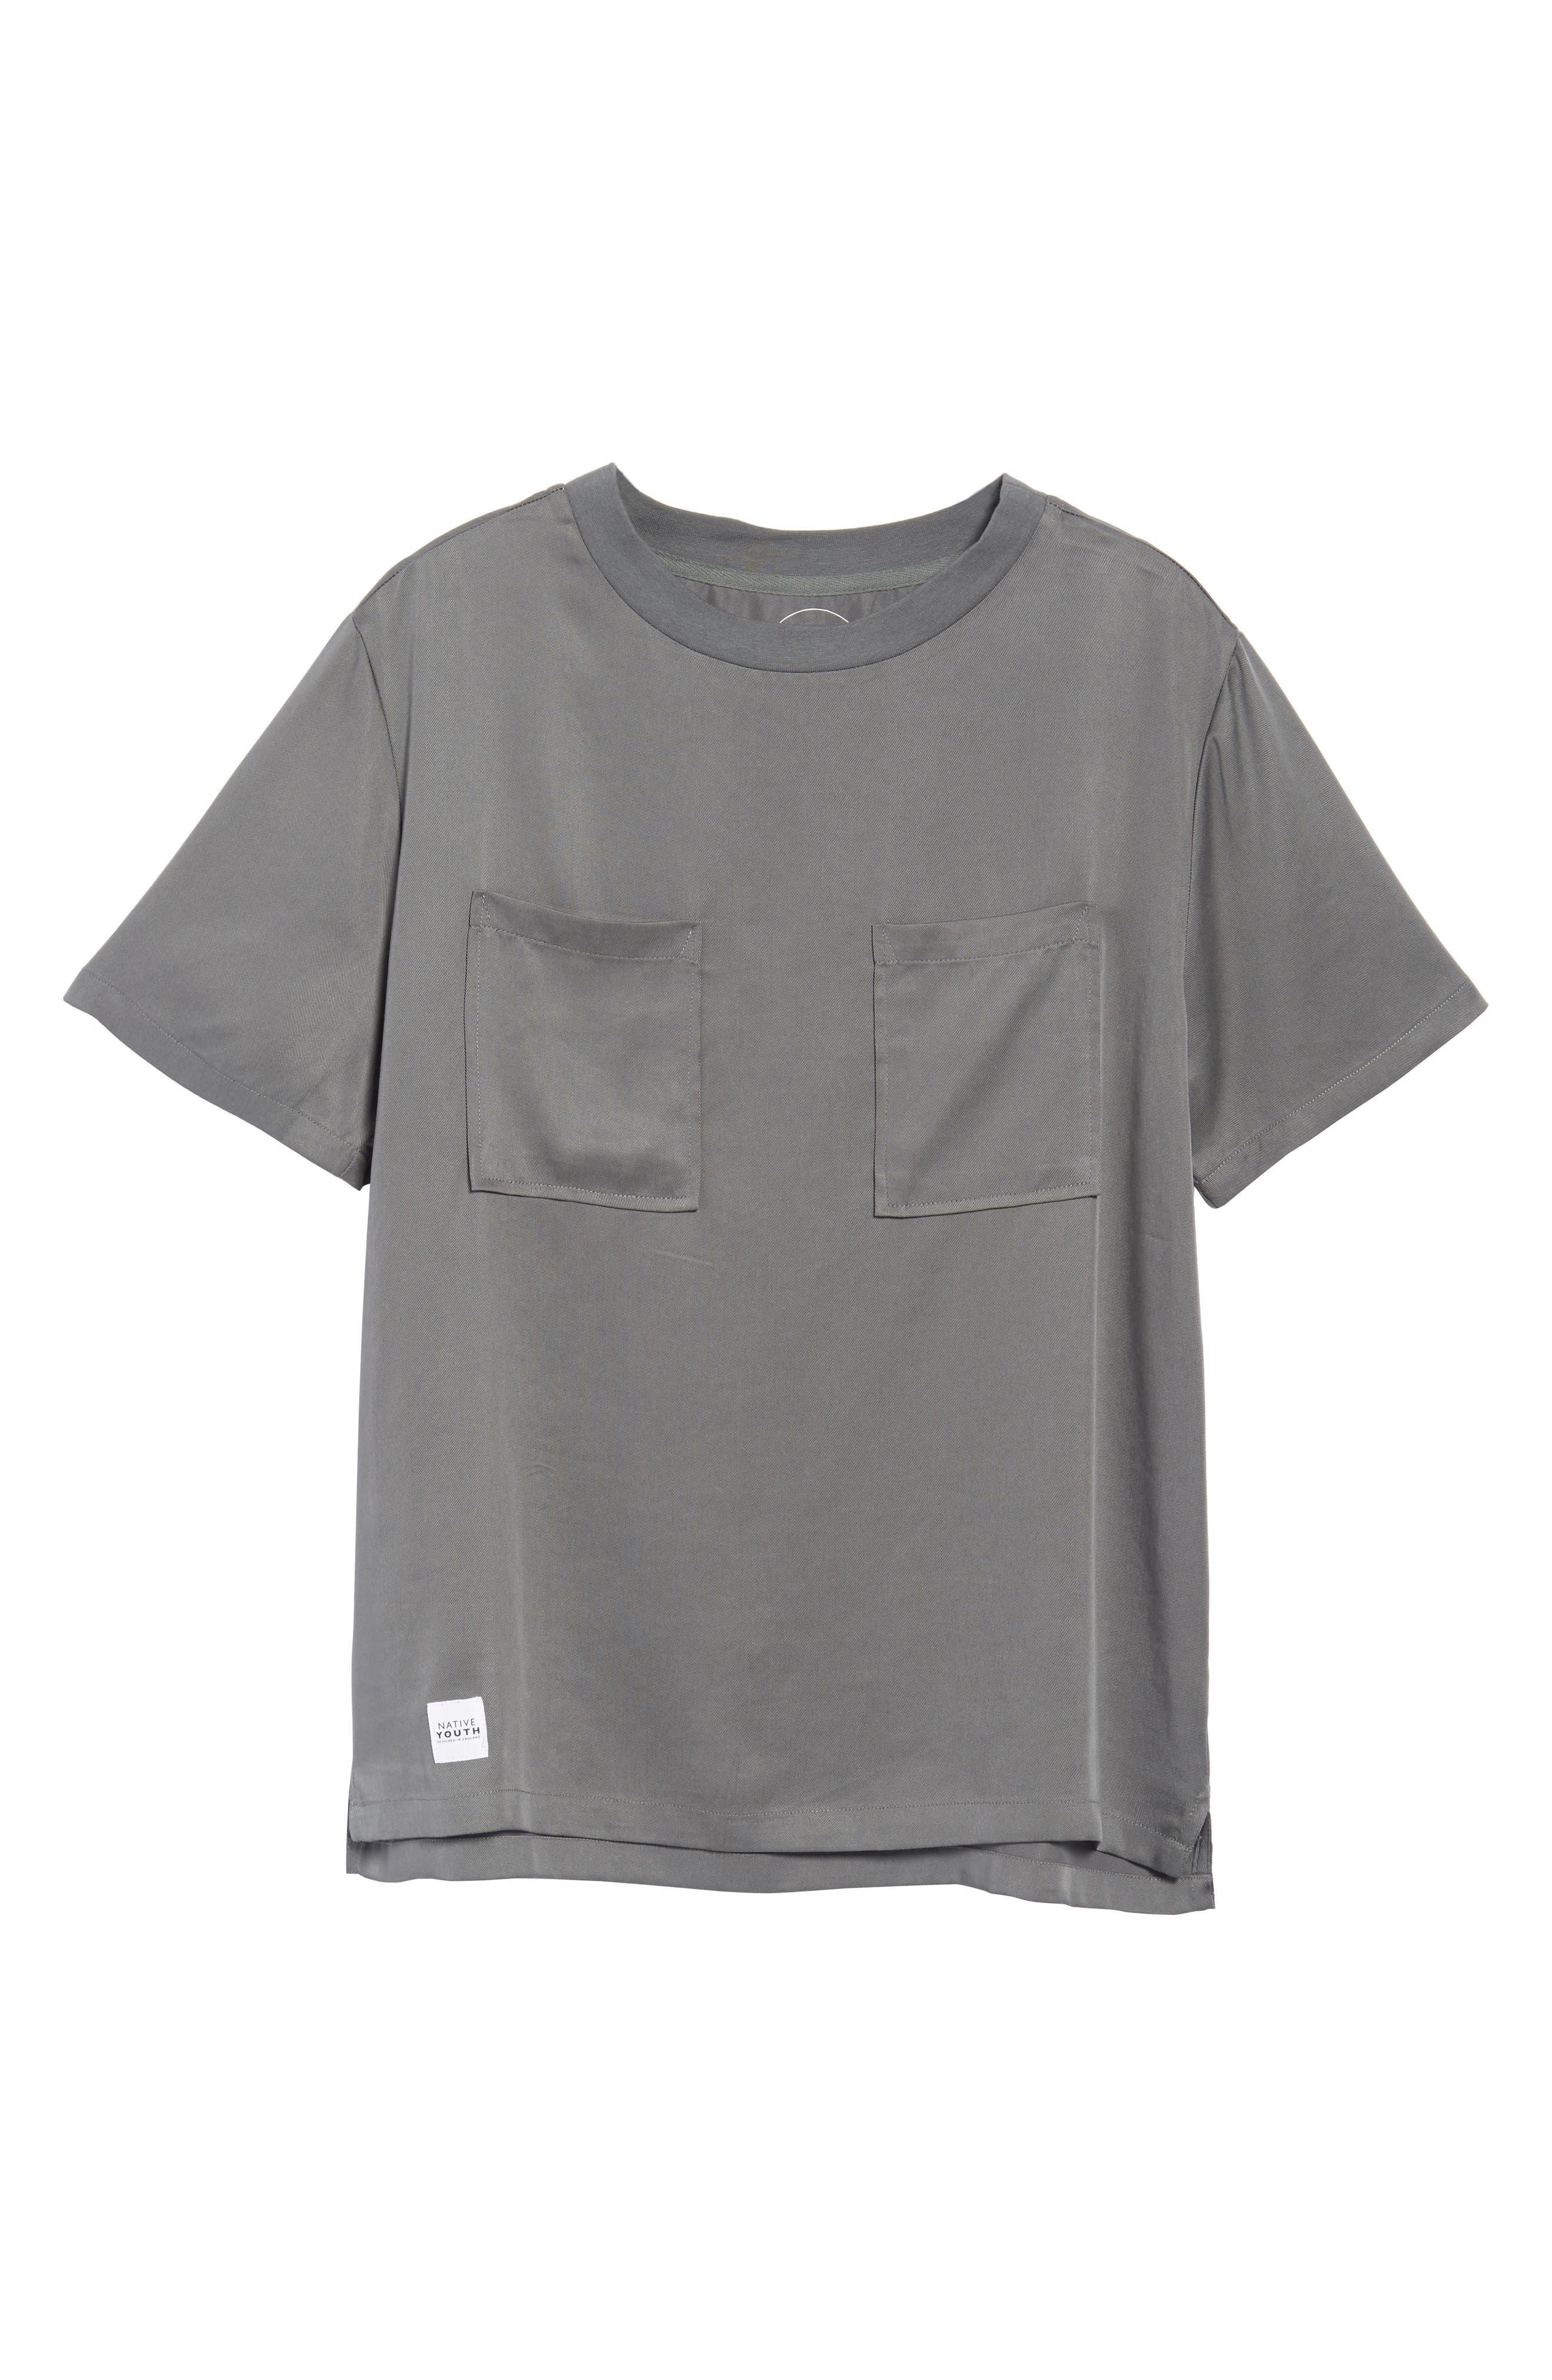 Denali Woven T-Shirt,                             Alternate thumbnail 6, color,                             020